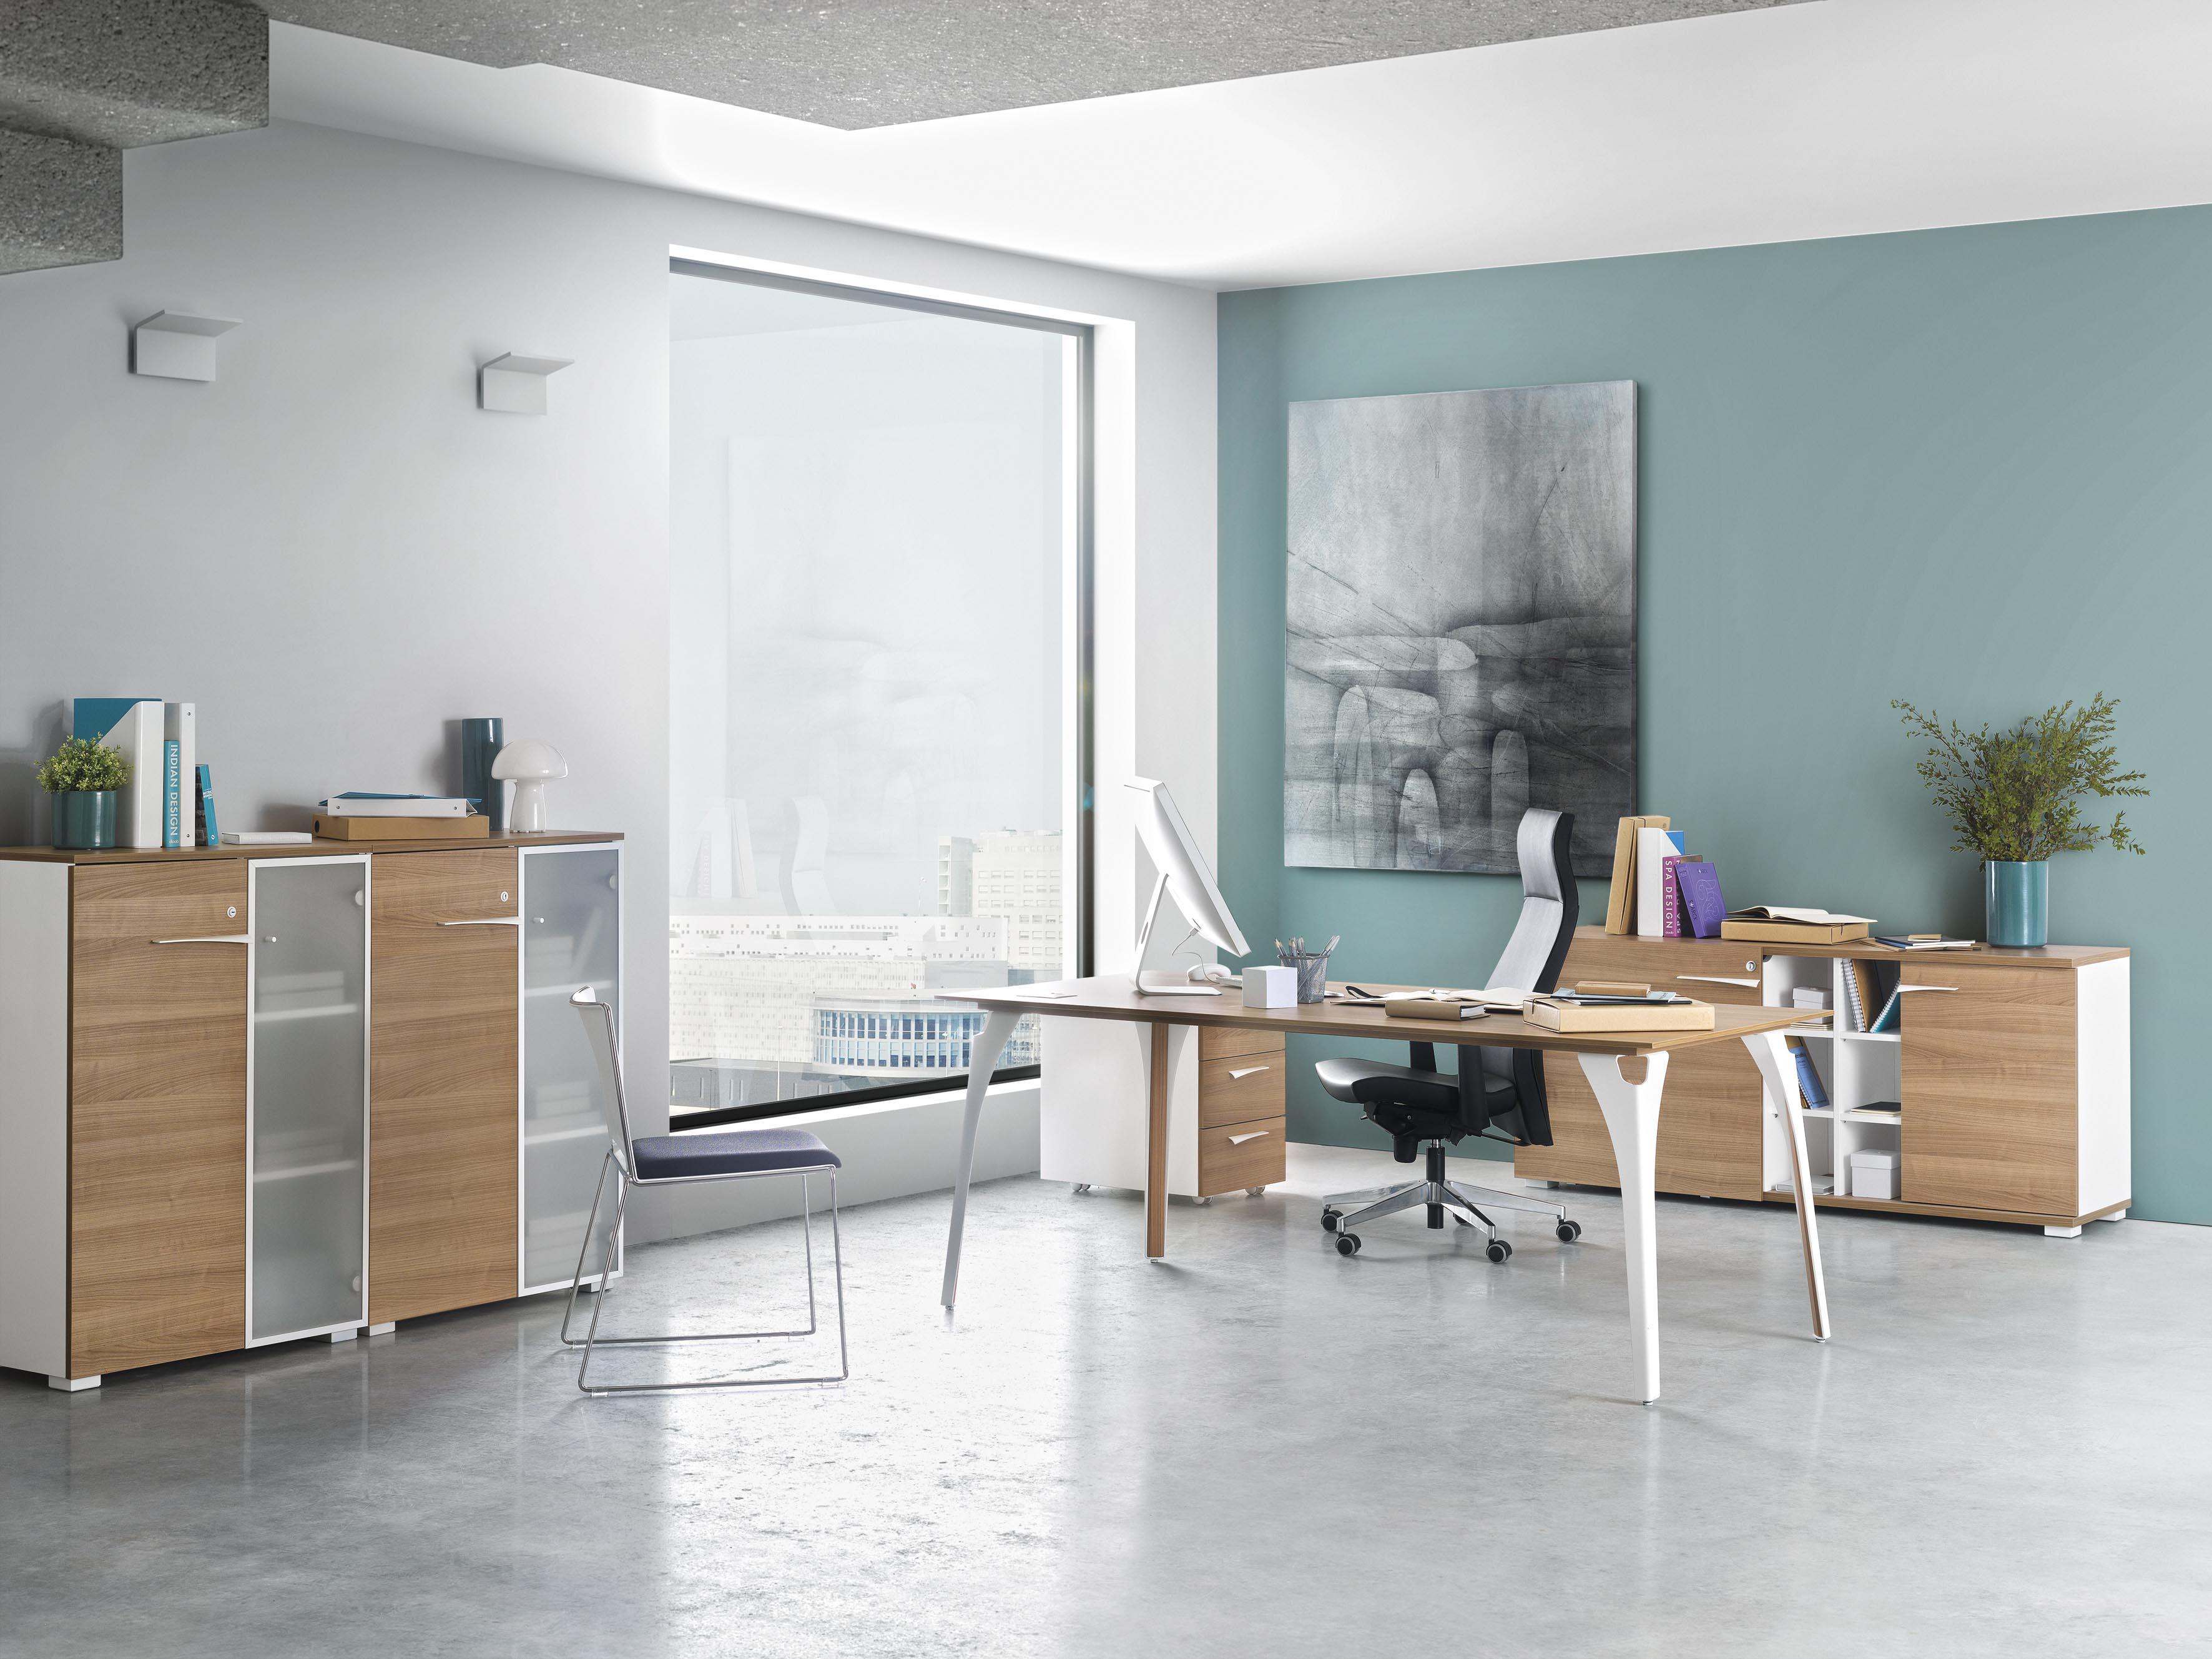 gautier office est d sormais disponible sur le catalogue. Black Bedroom Furniture Sets. Home Design Ideas